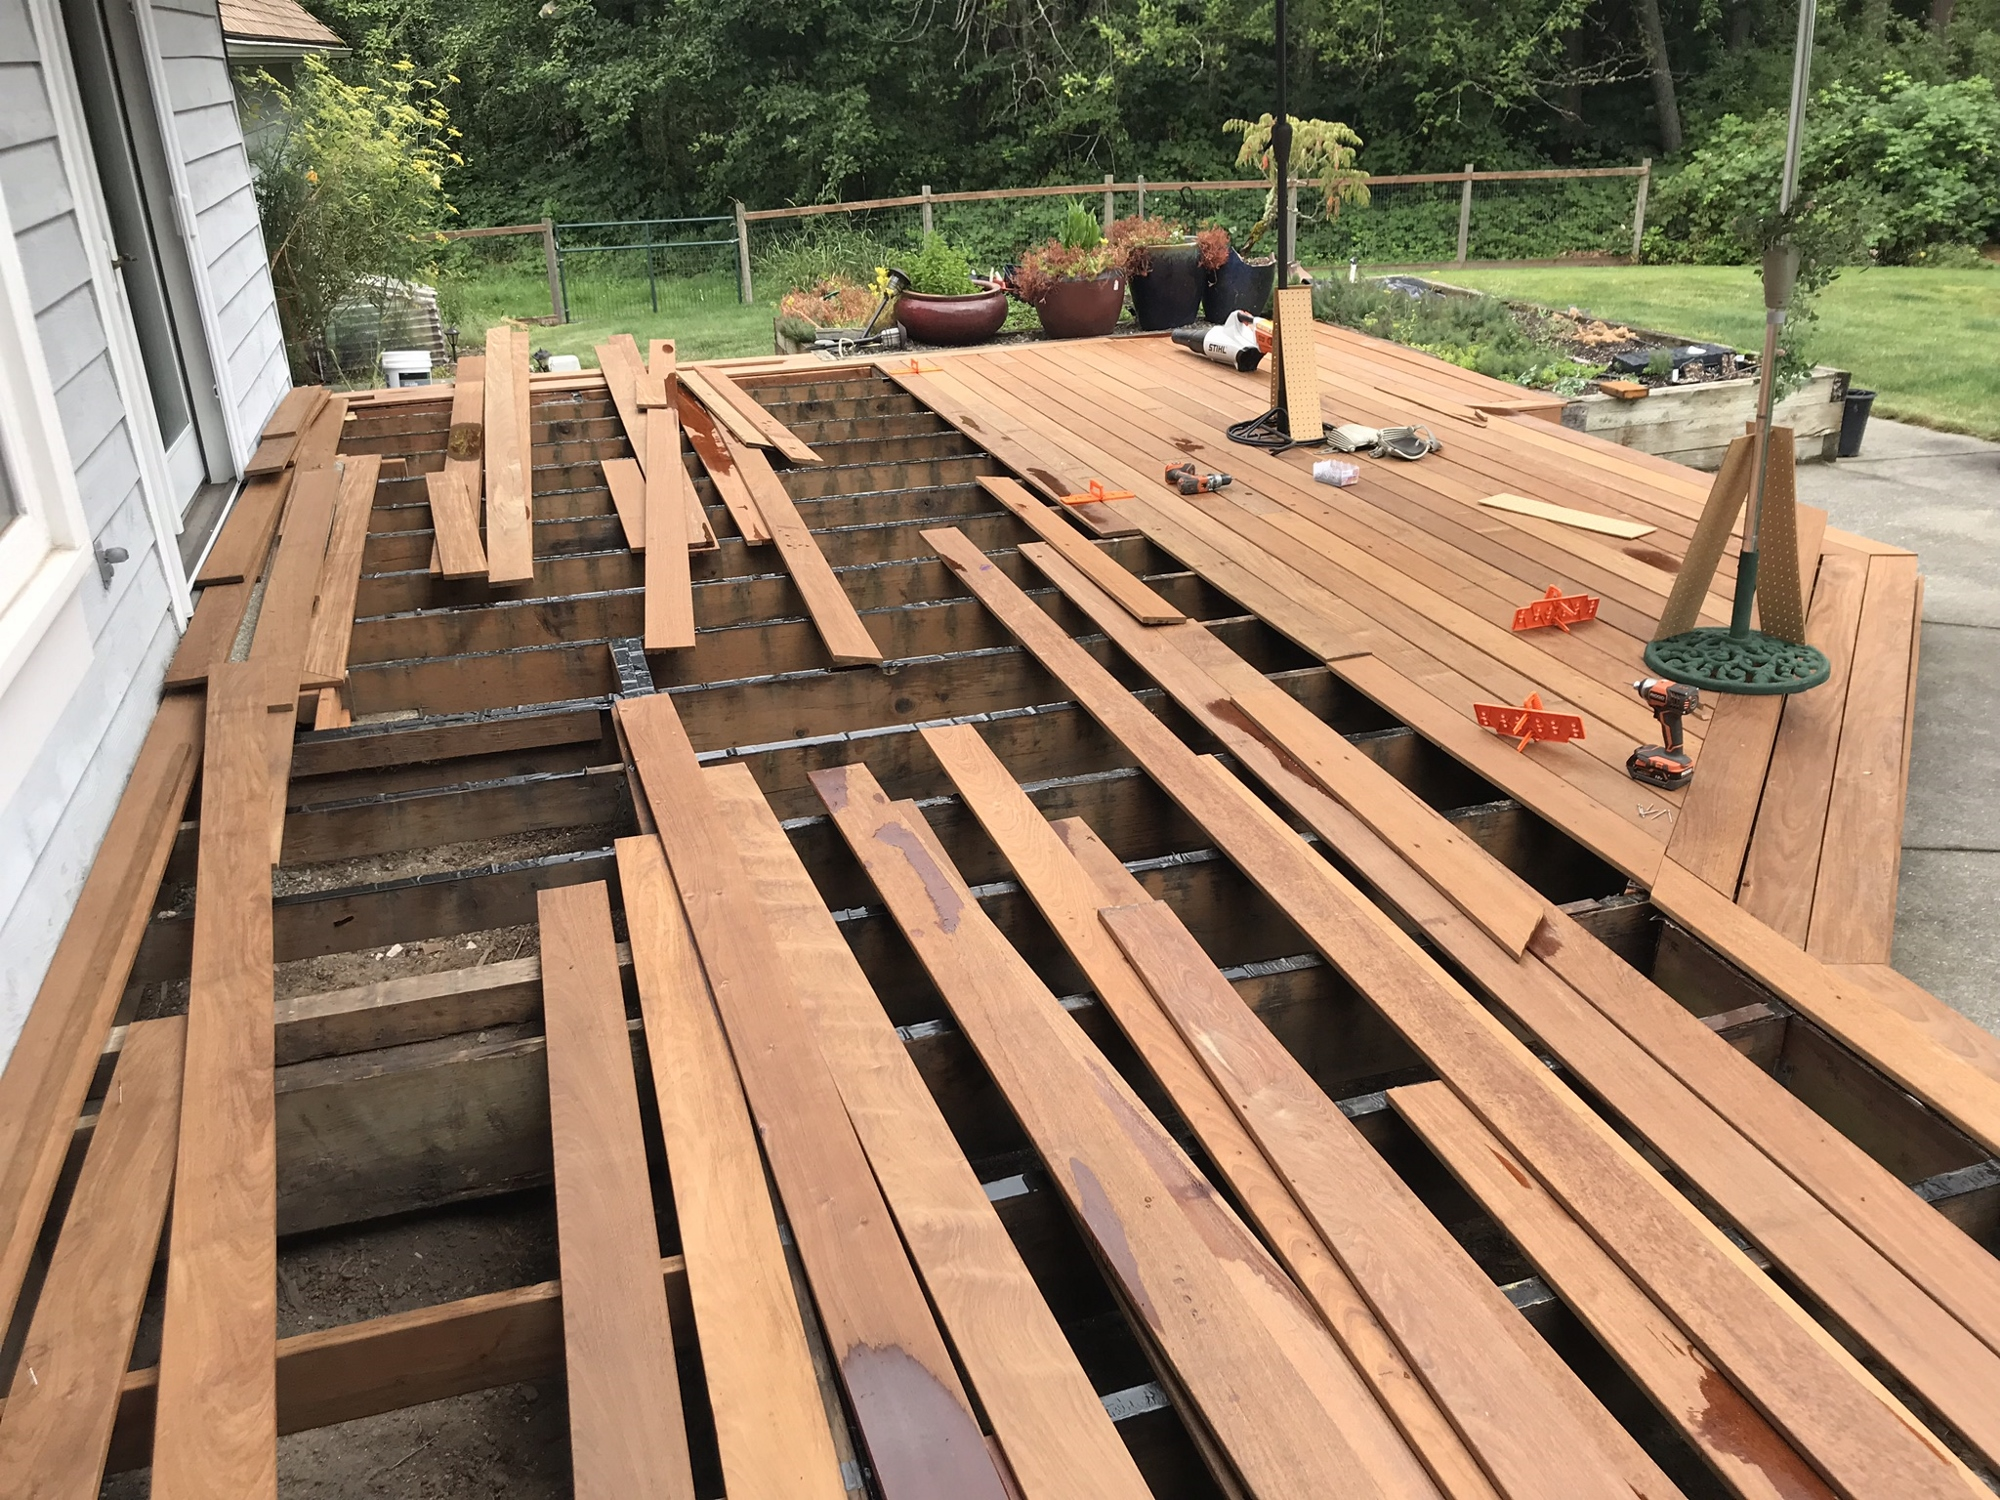 Deck build in progress